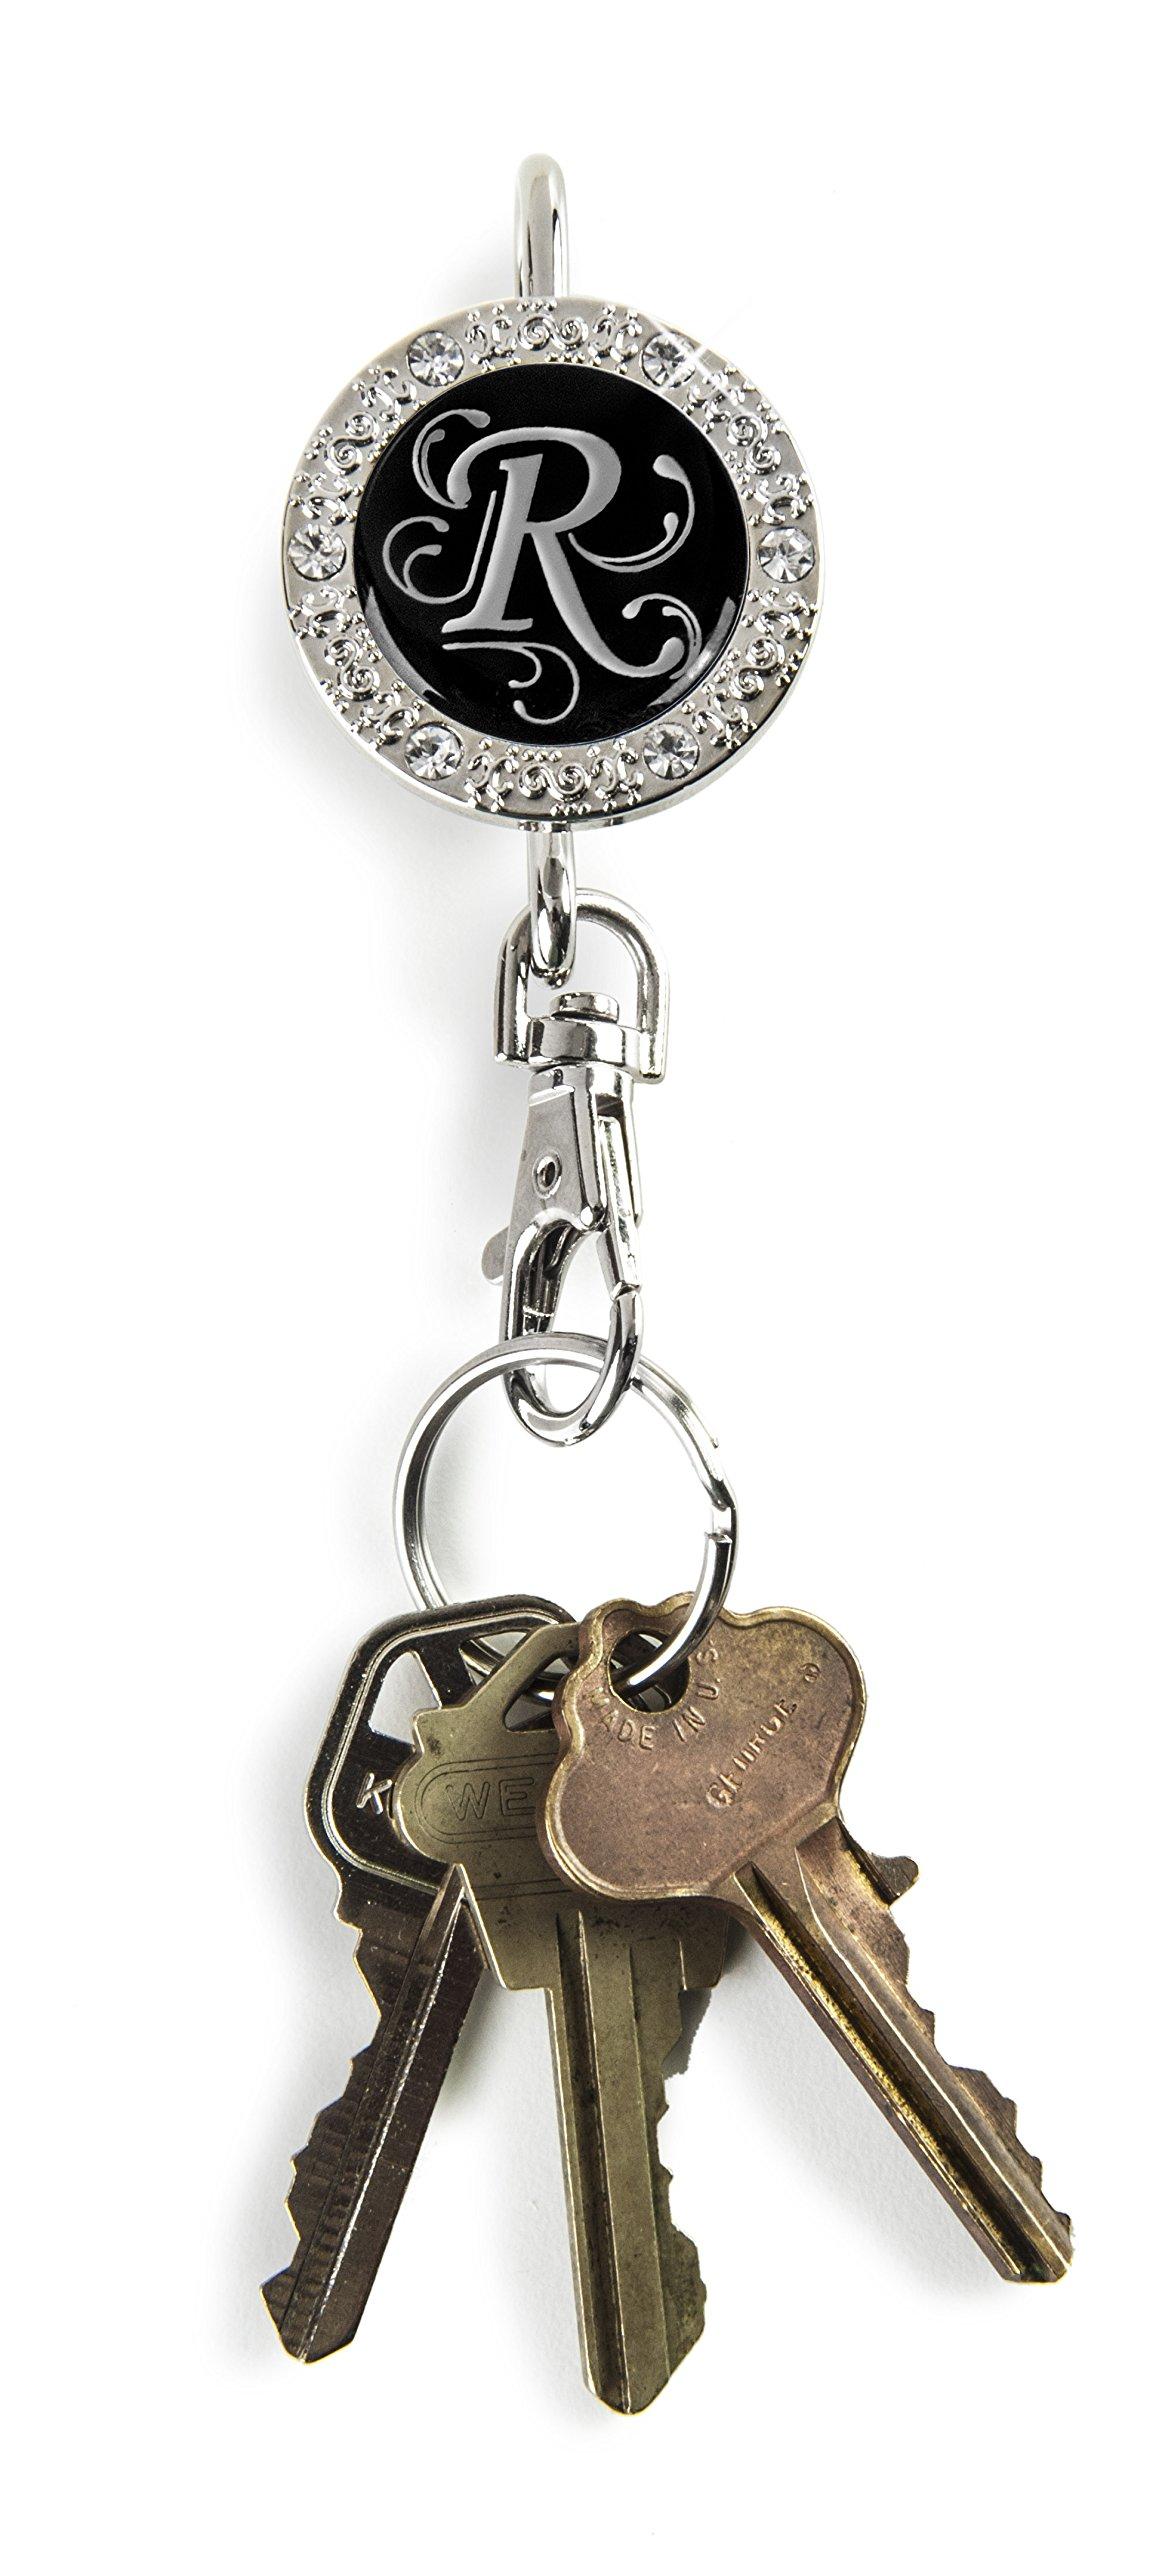 Alexx Finders Key Purse 01B-Mono R Bling Monogram R Finders Key Purse, Black